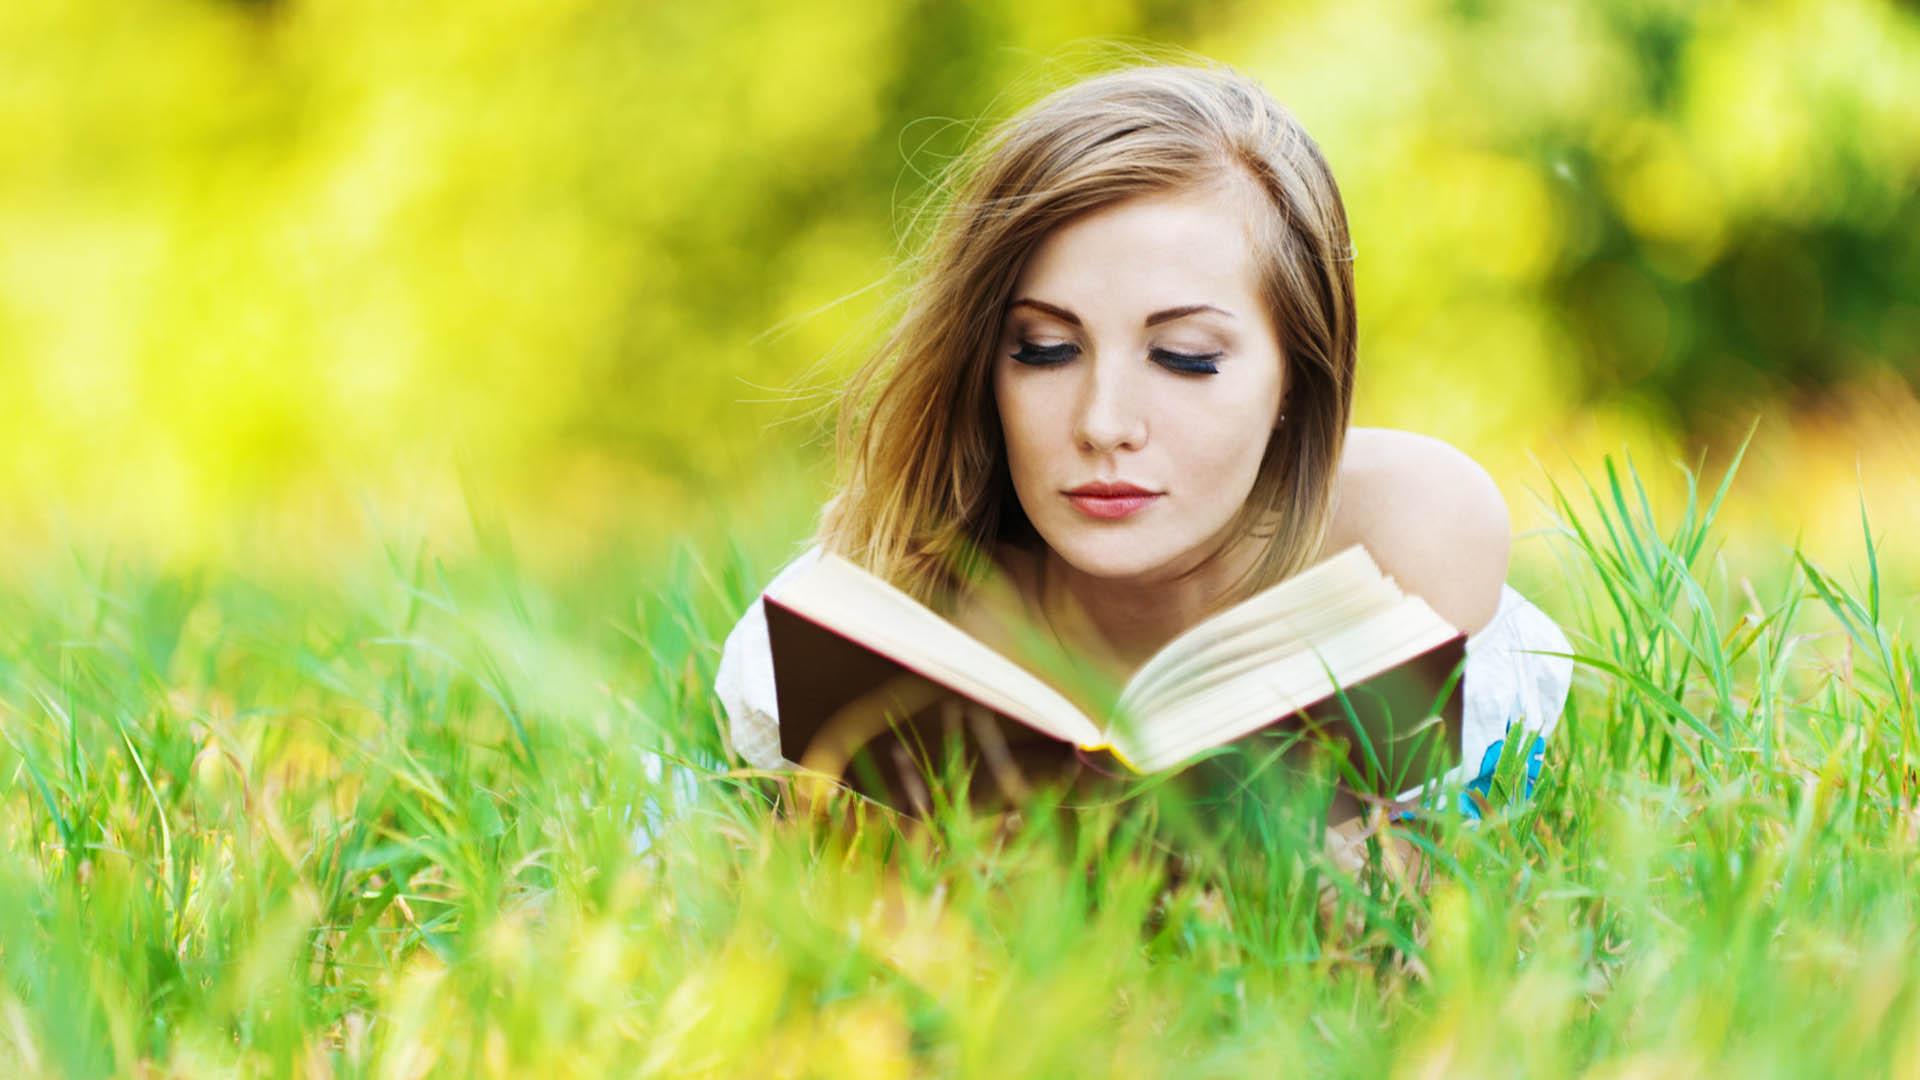 La Universidad de Toronto, Canadá aseguró, gracias a un estudio, que este tipo de lectura fomenta dicha habilidad social